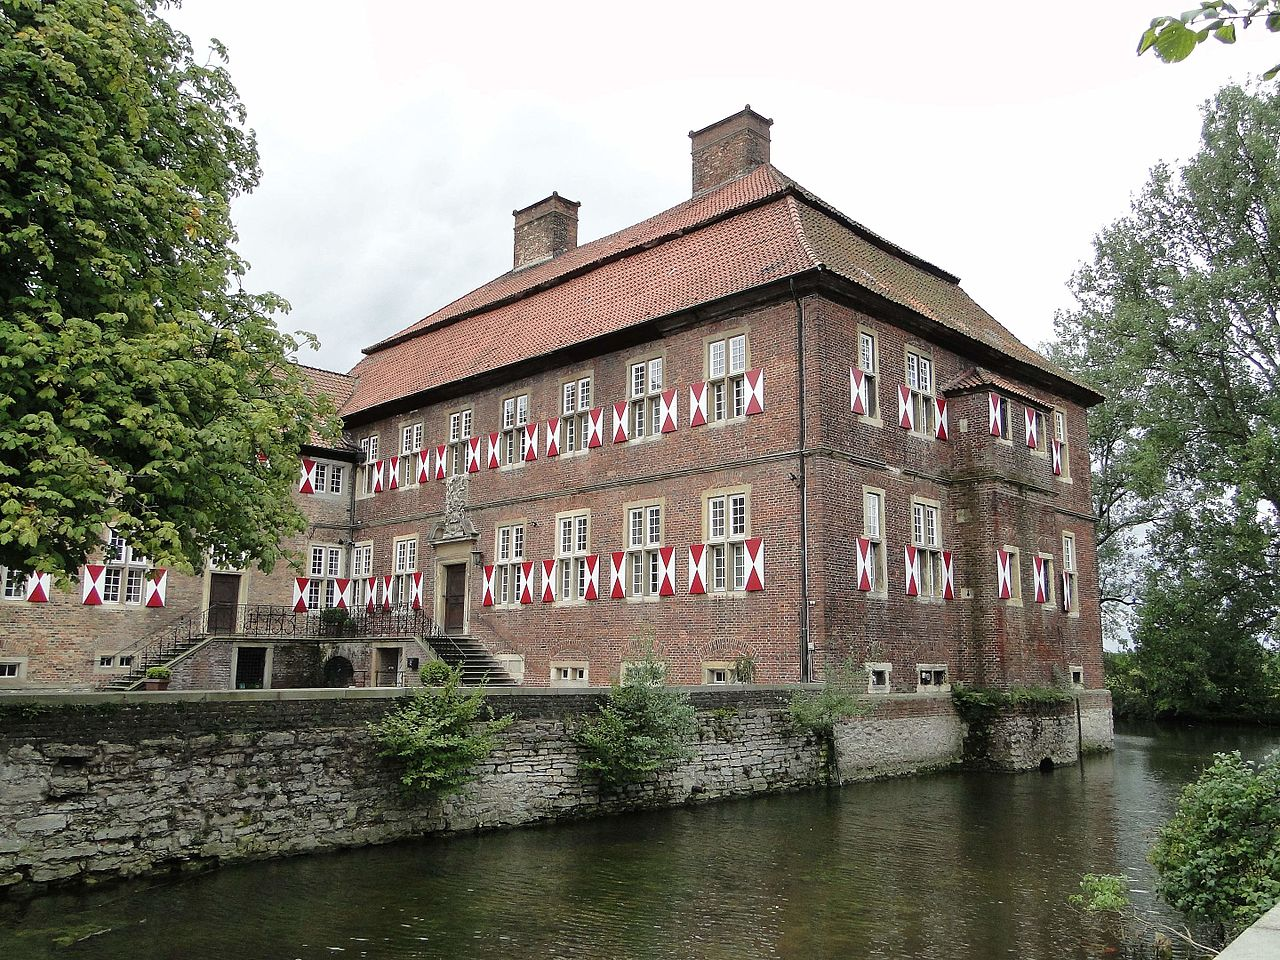 Хамм, Германия: зачем ехать, чем заняться, где поесть, советы туристов